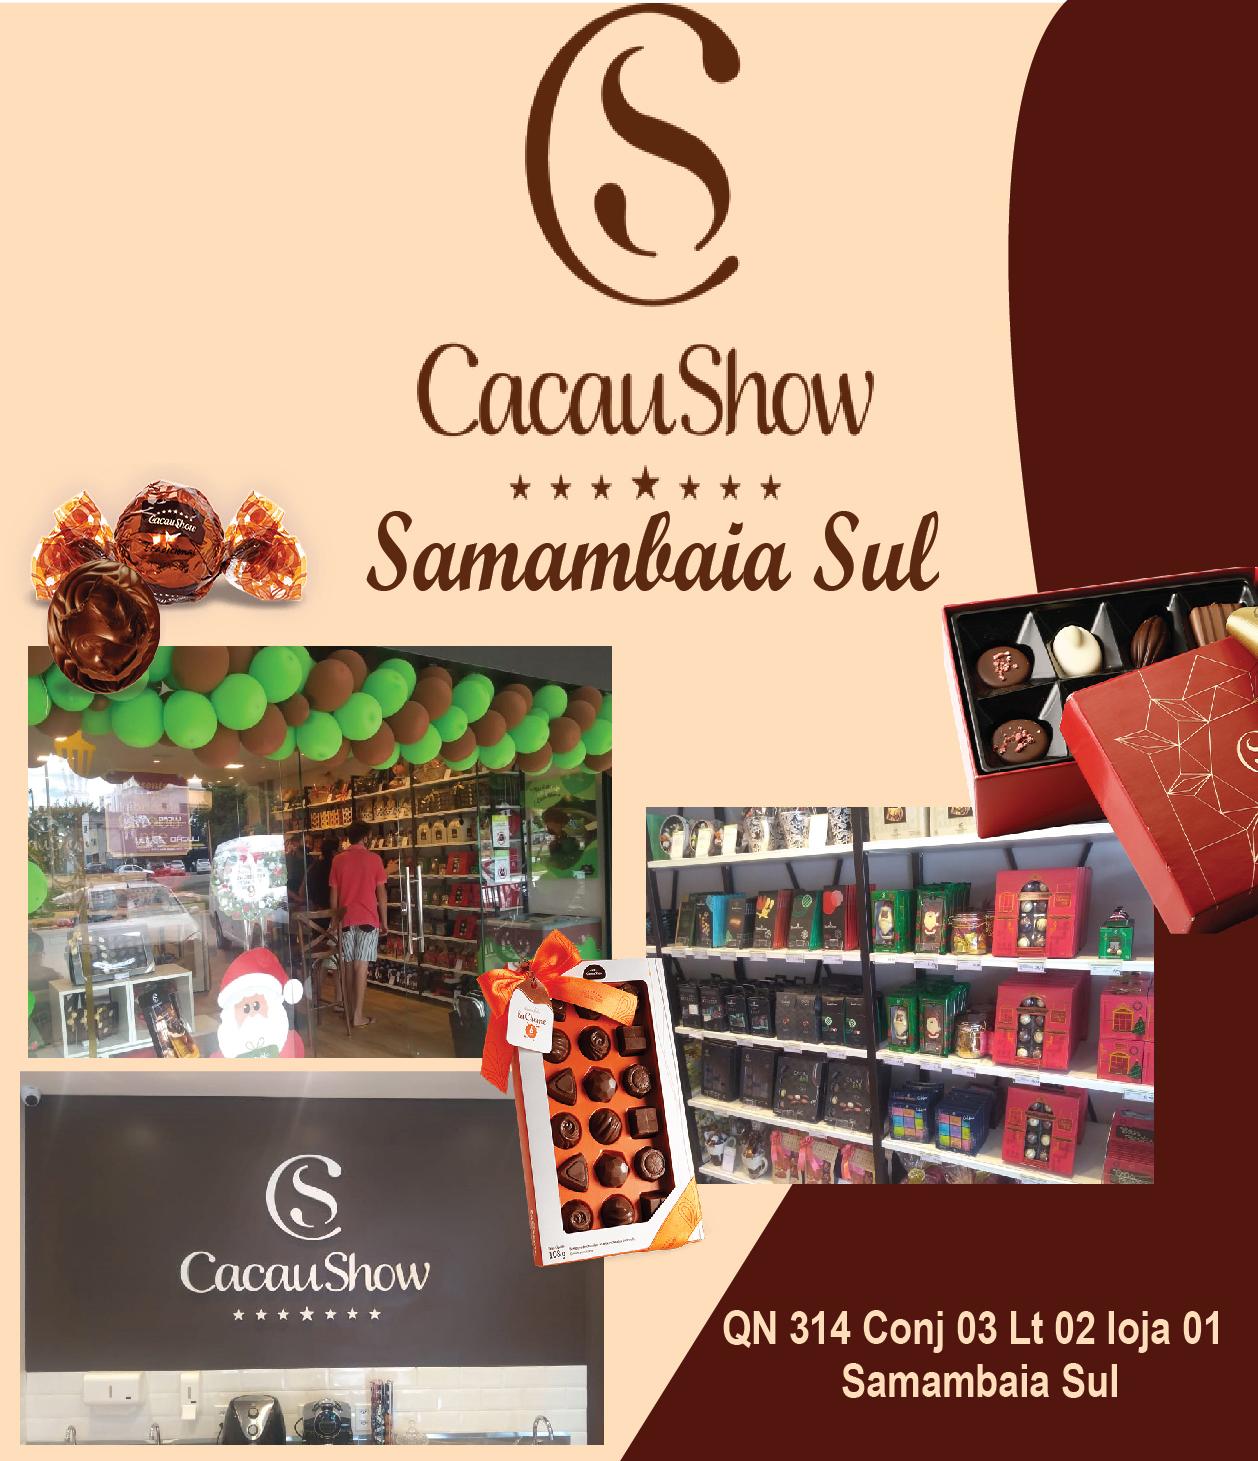 CACAU SHOW SAMAMBAIA SUL